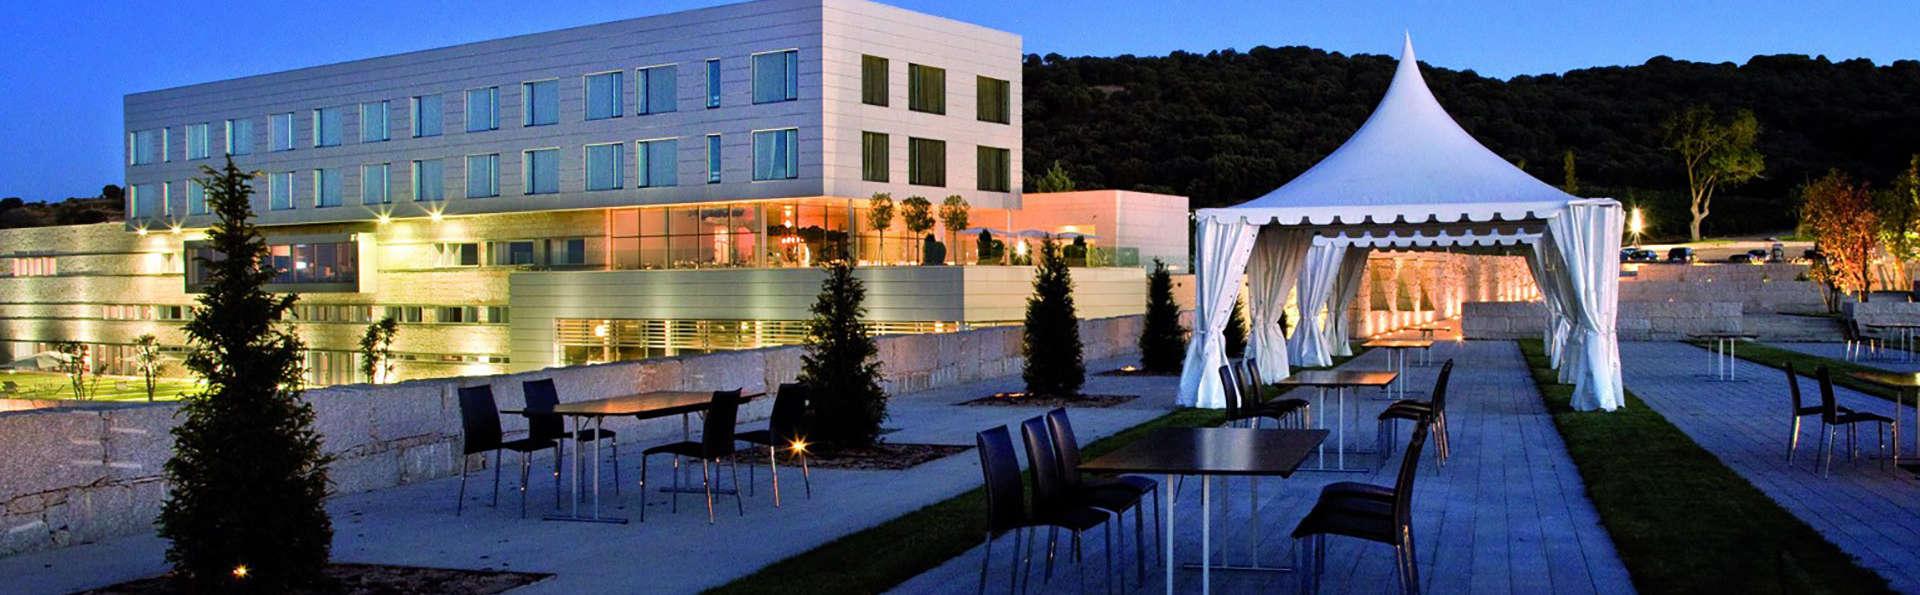 Valbusenda Hotel Bodega & Spa - EDIT_front2.jpg